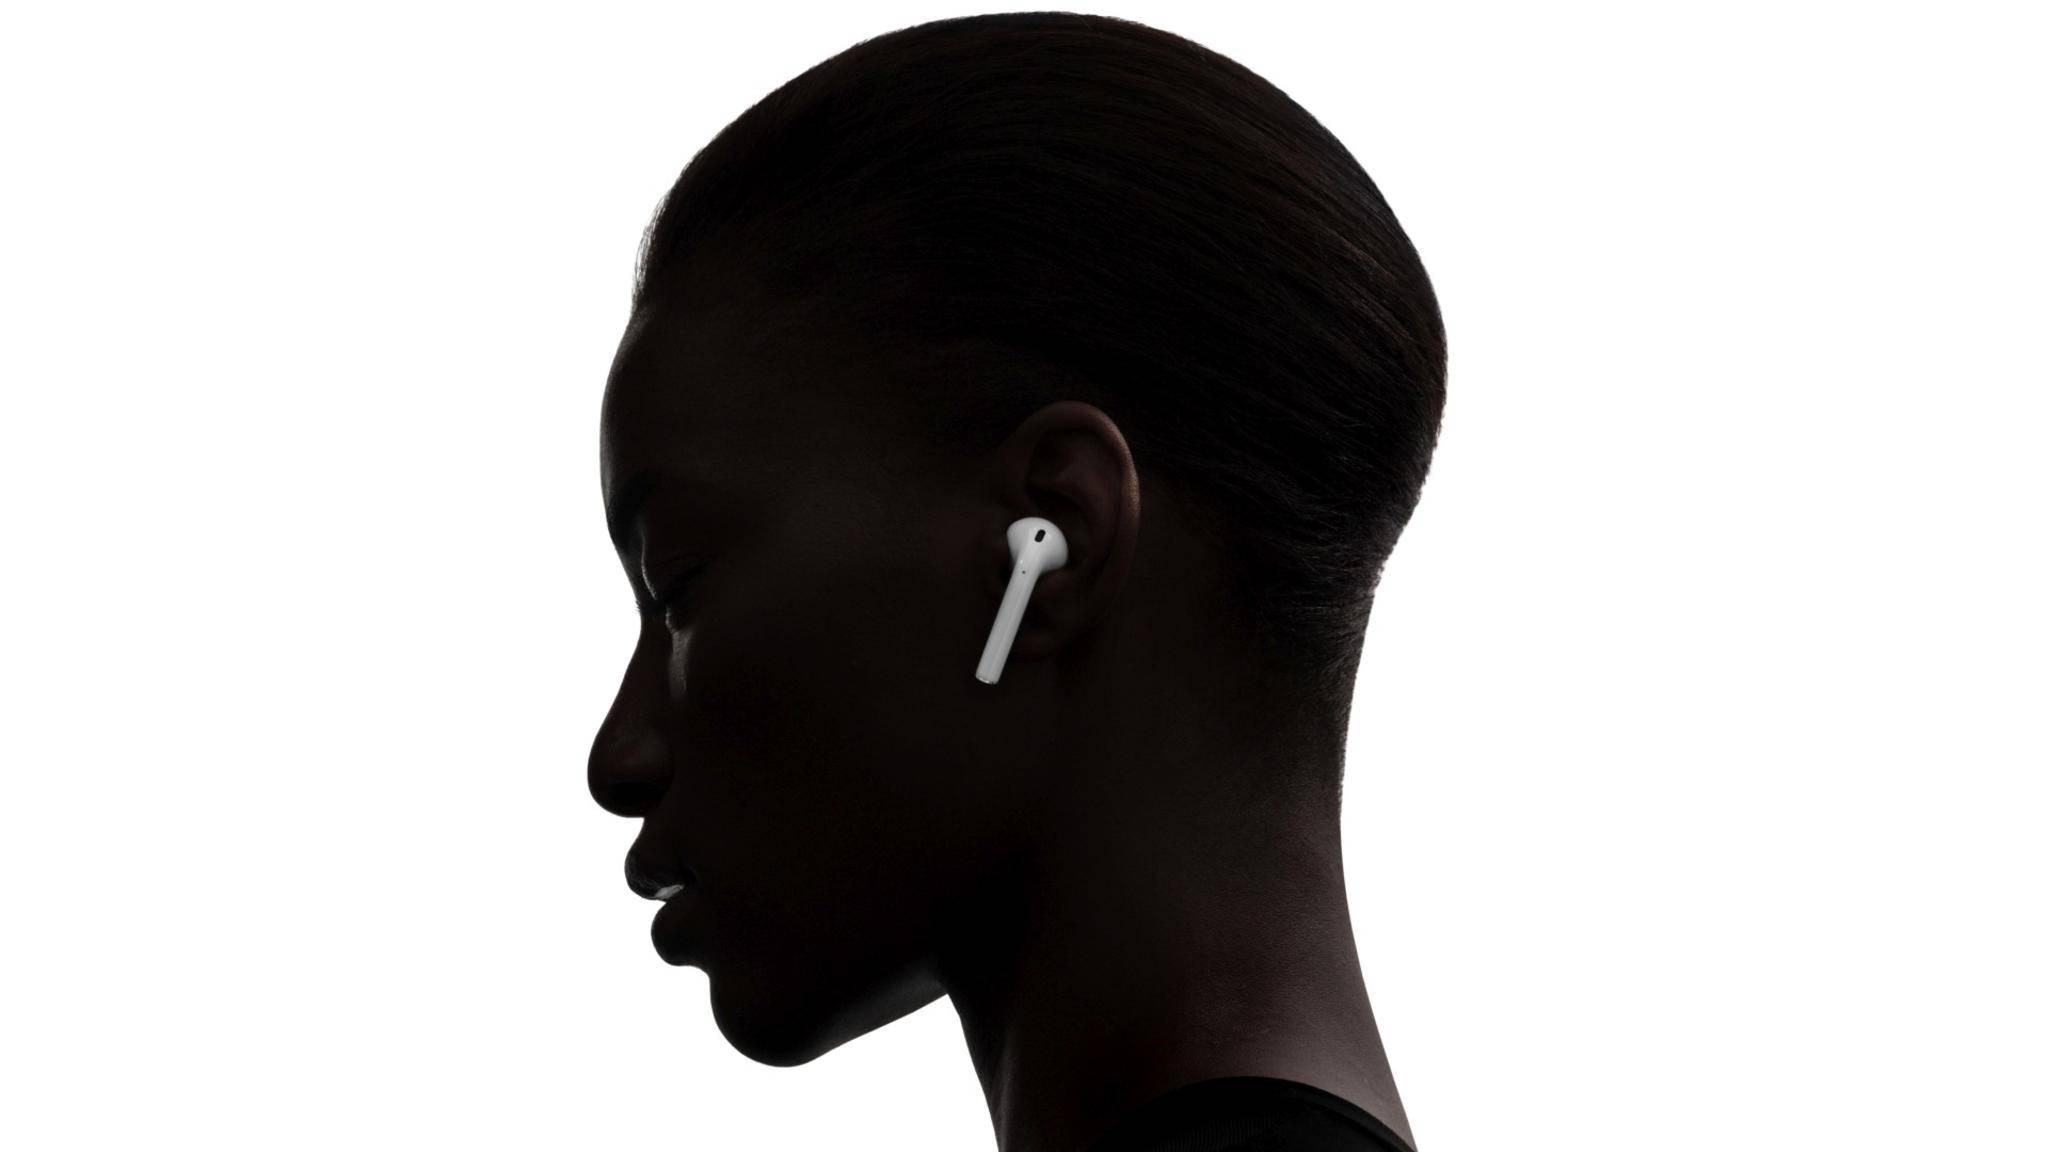 Ist die Bluetooth-Verbindung von Deinem Headset mit dem iPhone stabil?